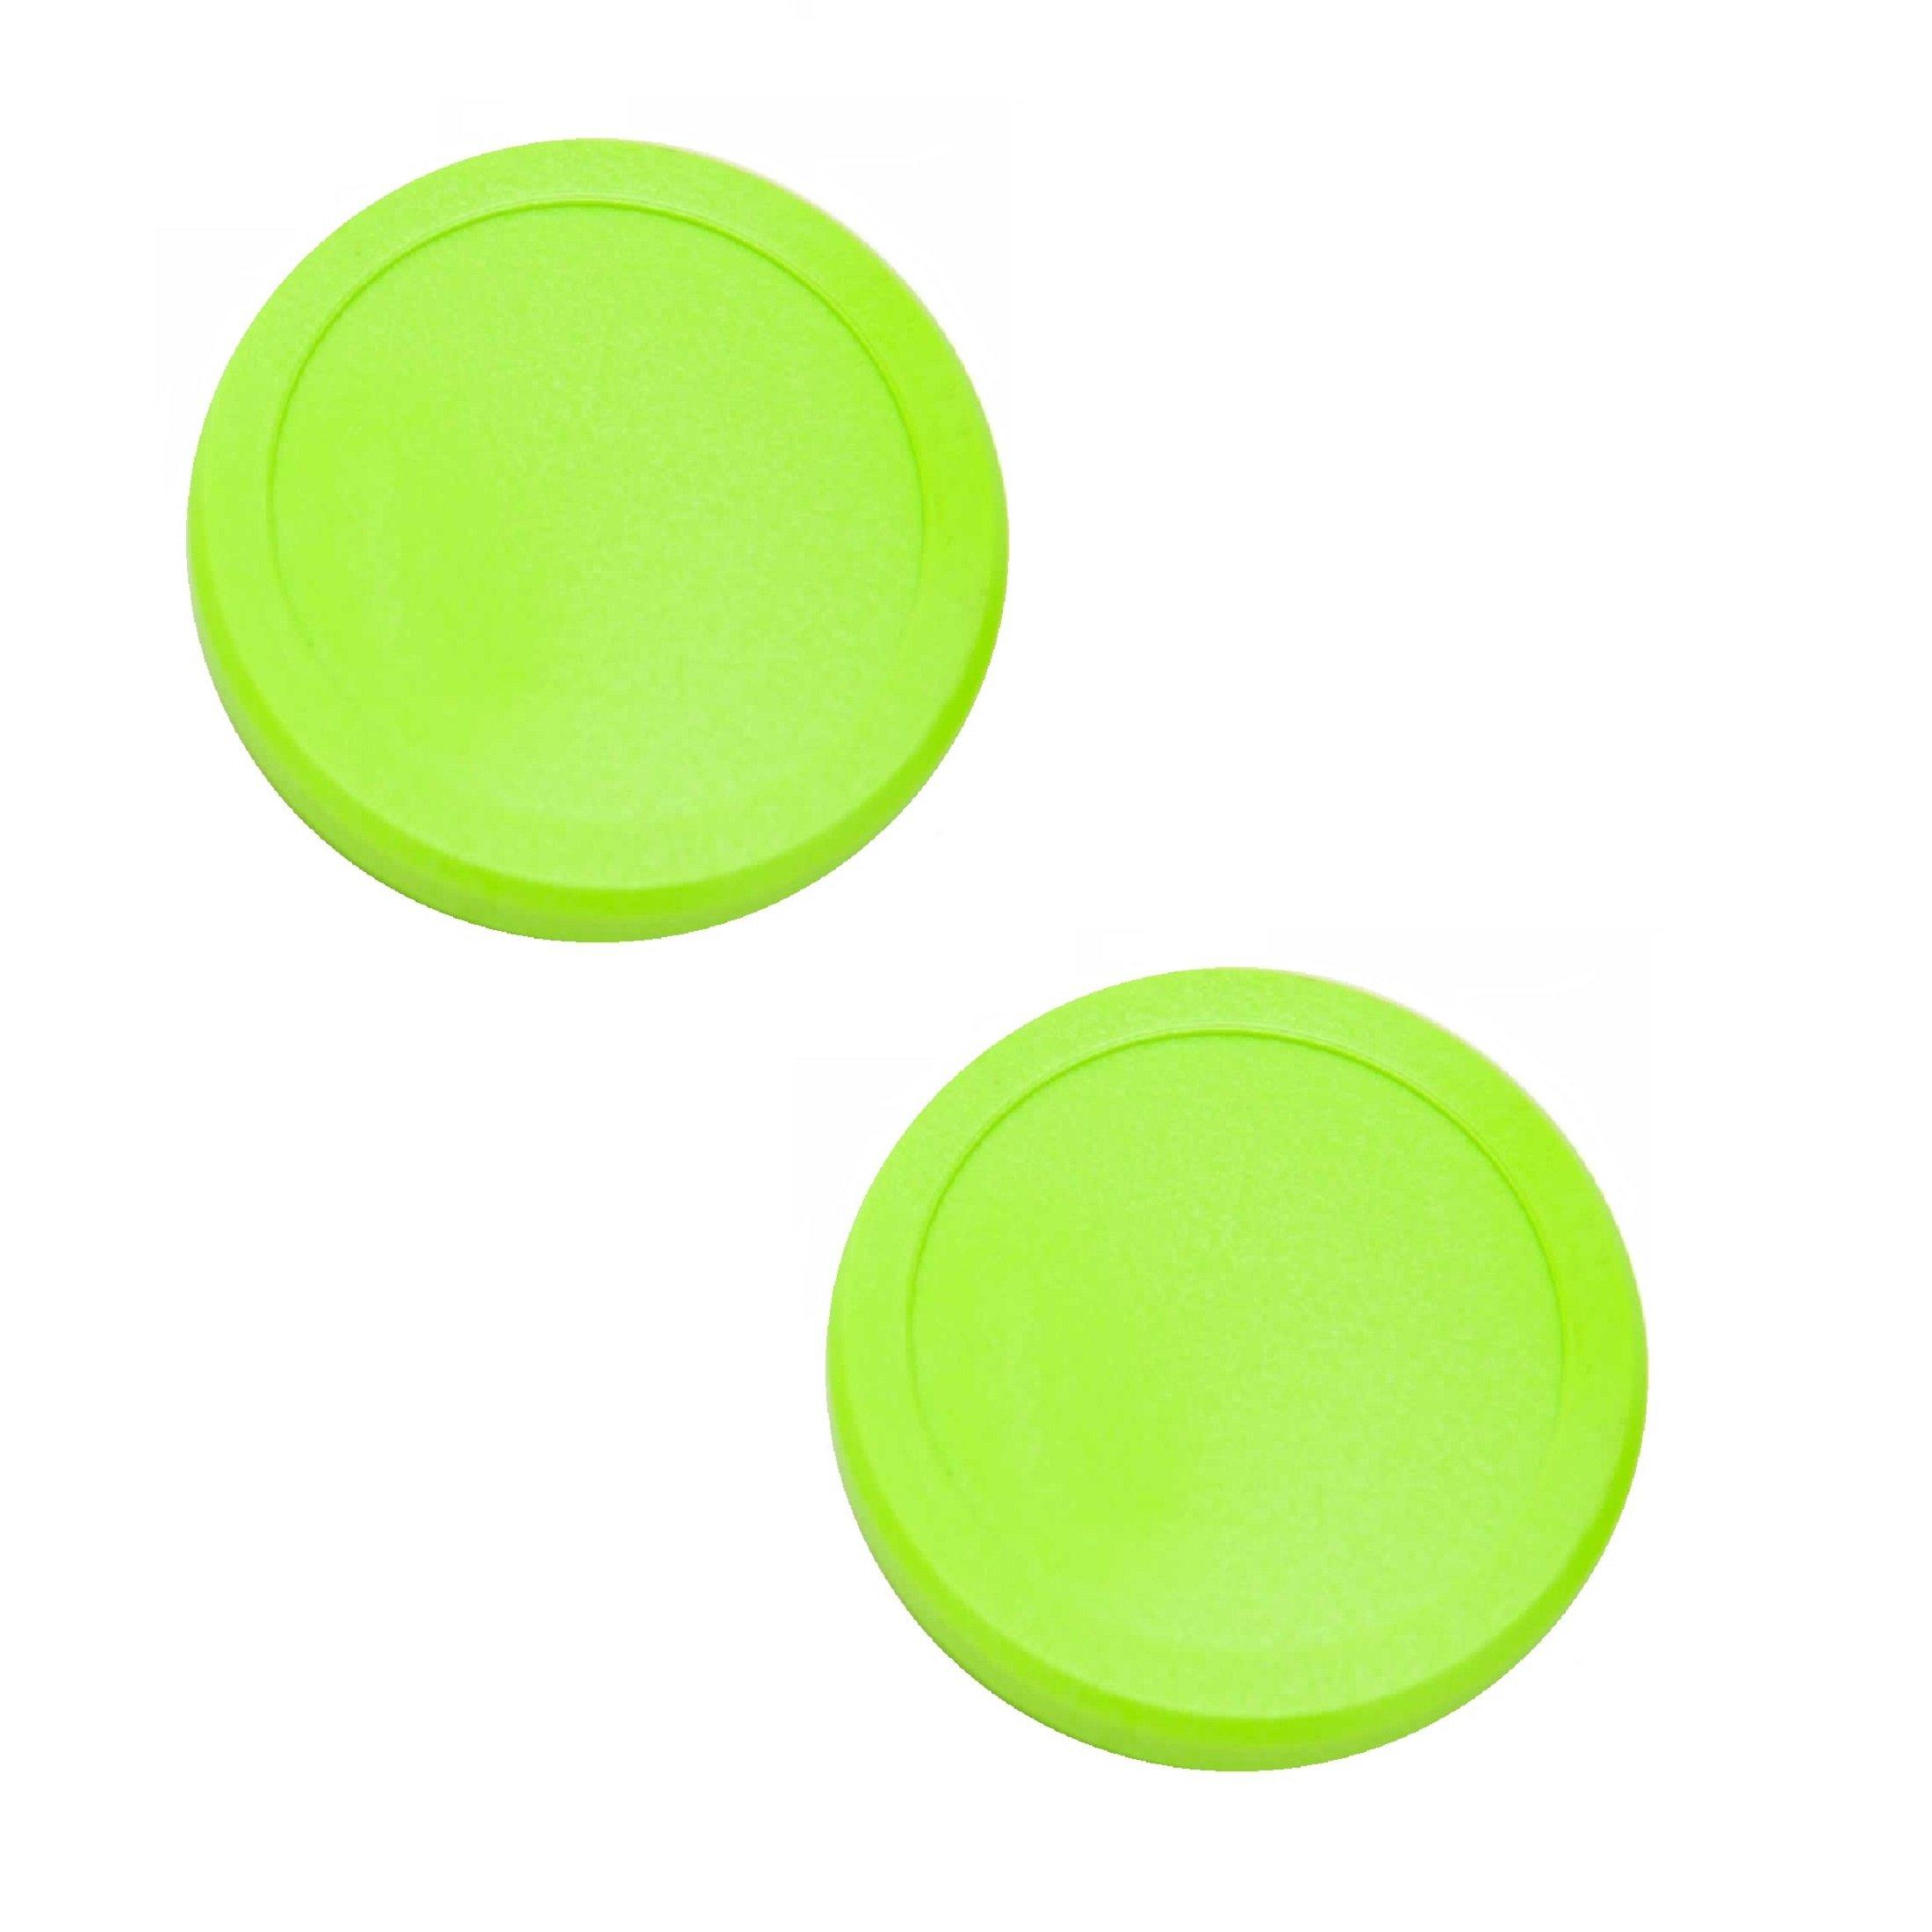 2-1/2'' Dynamo Green Air Hockey Puck Set of 2